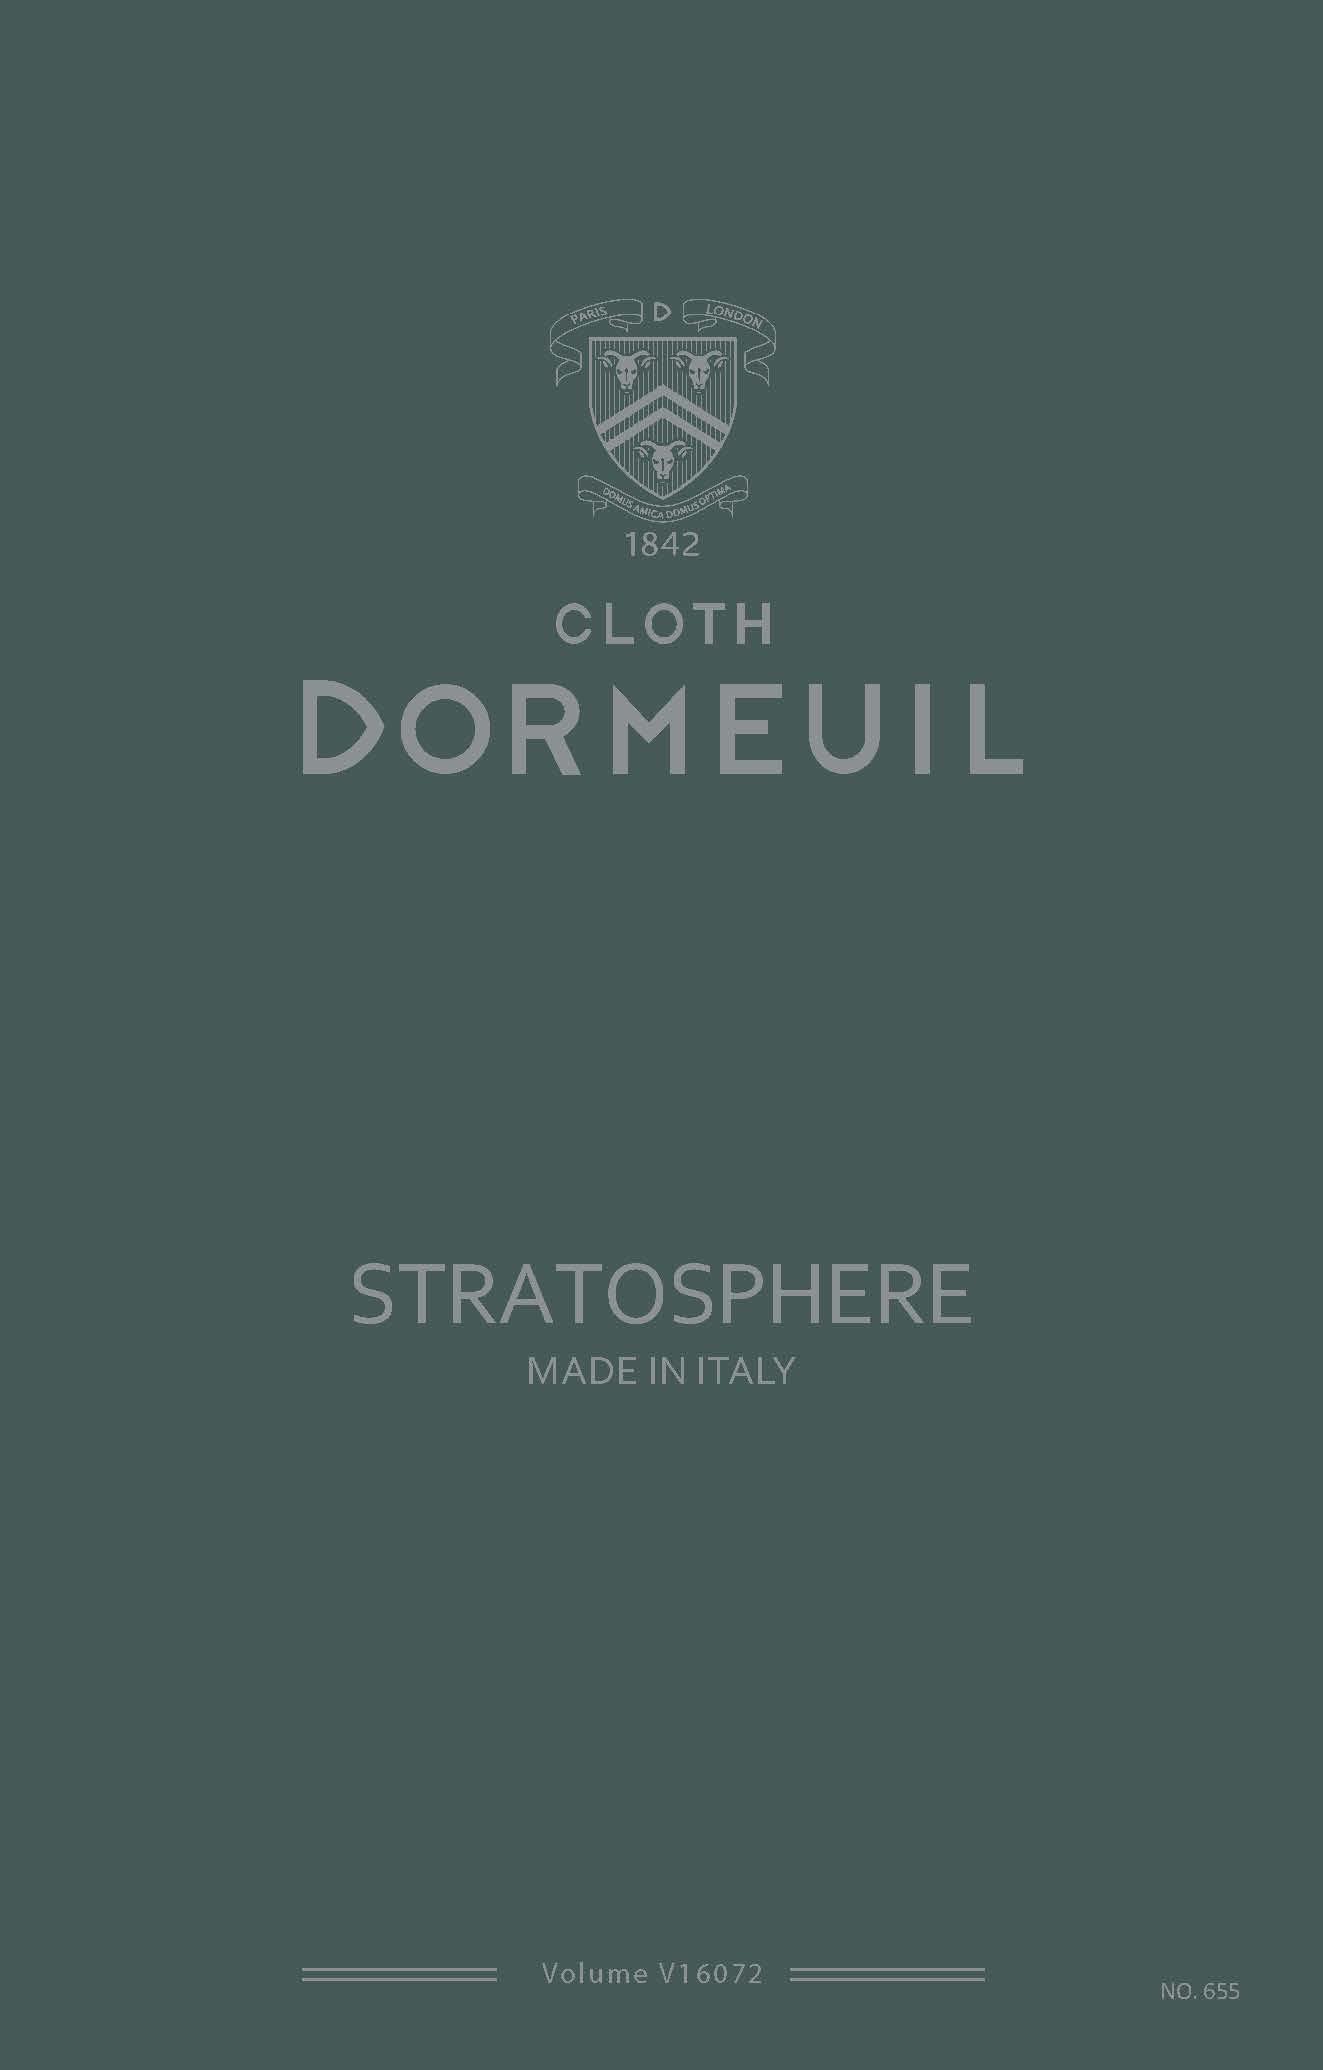 Dormeuil_Stratosphere_655_V16072.jpg